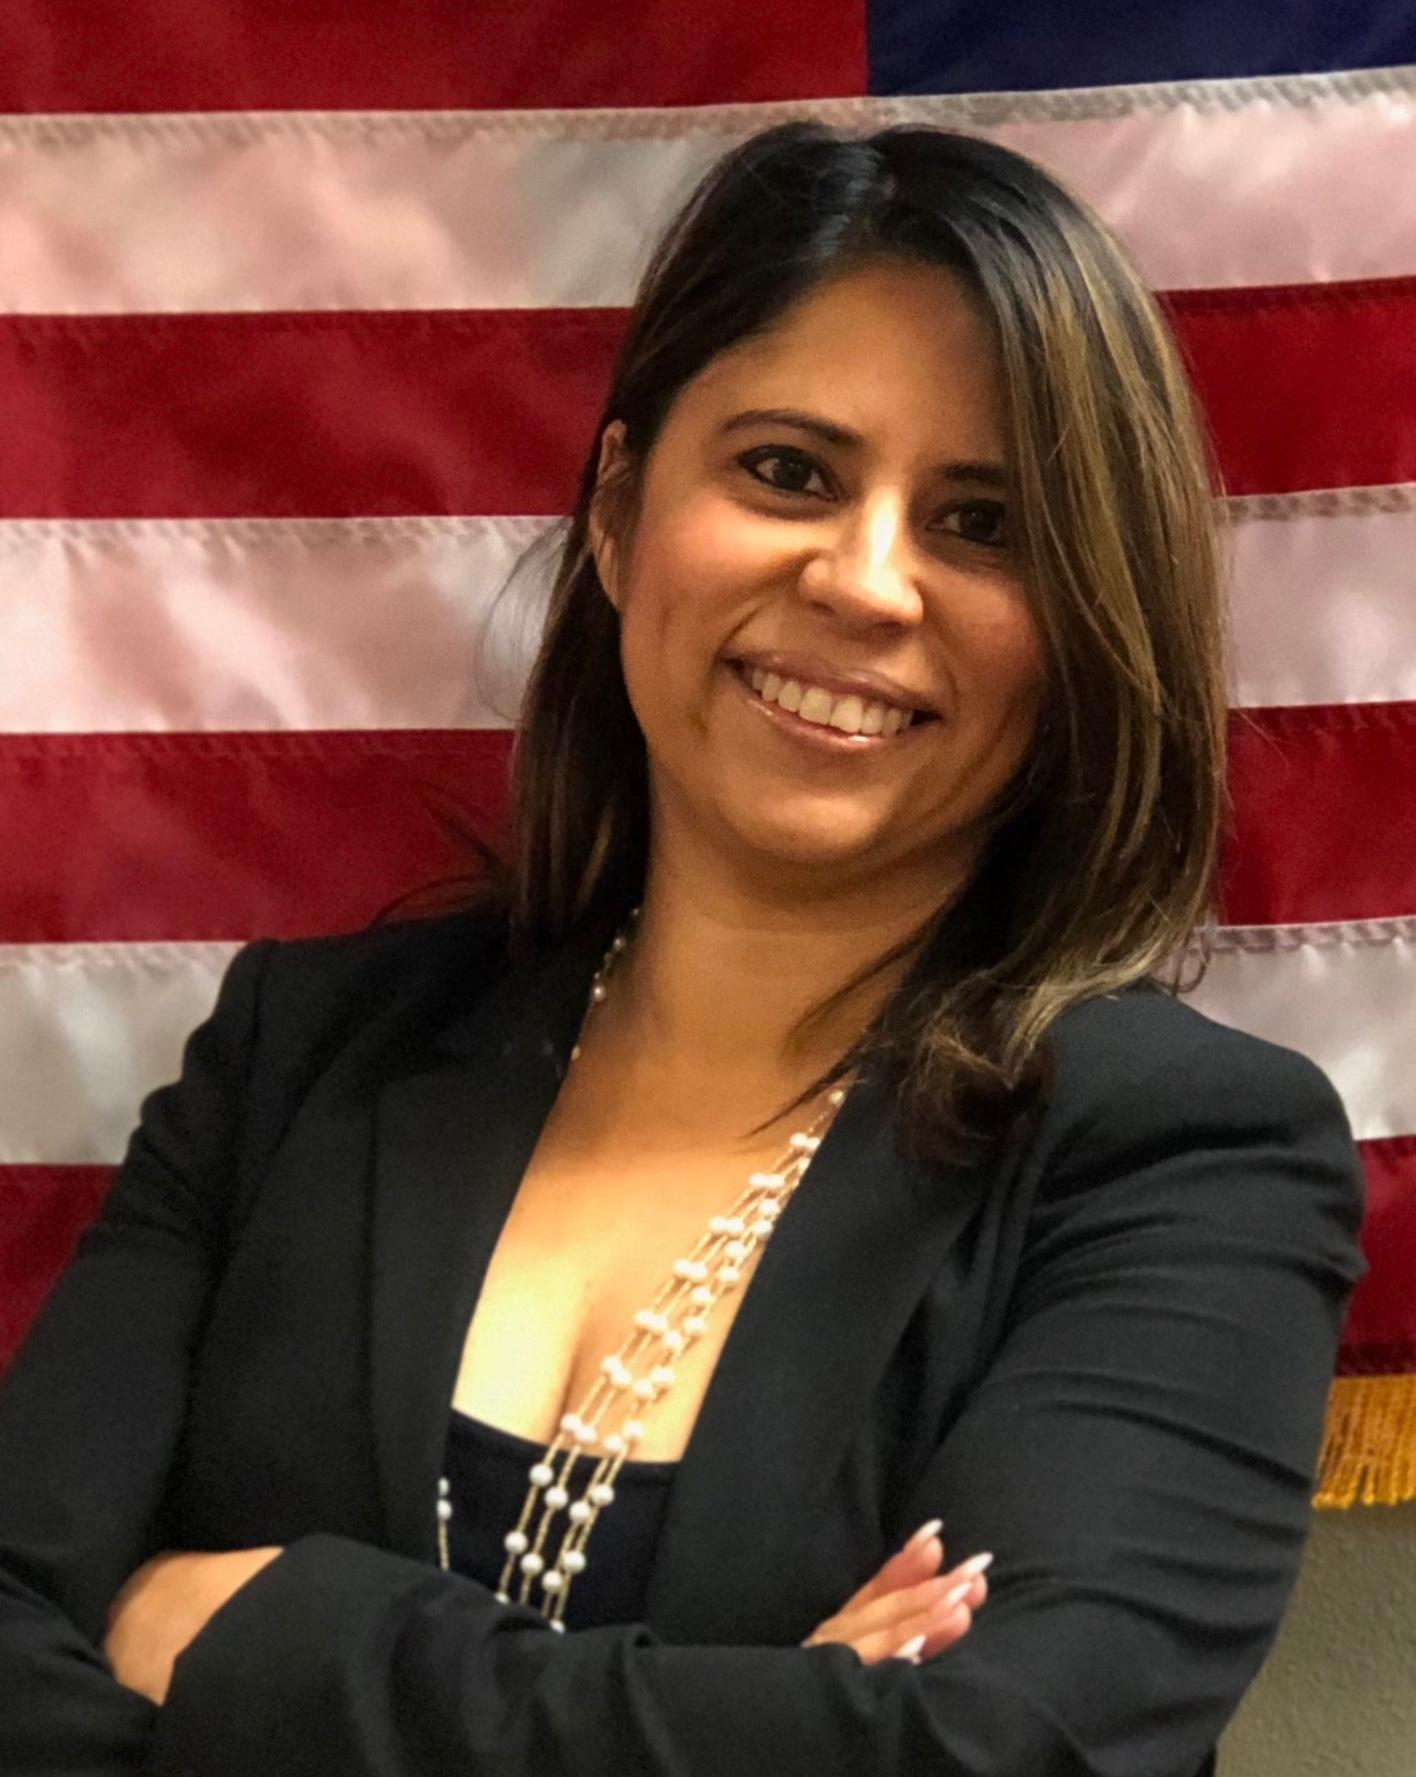 Liz Ortega-Toro